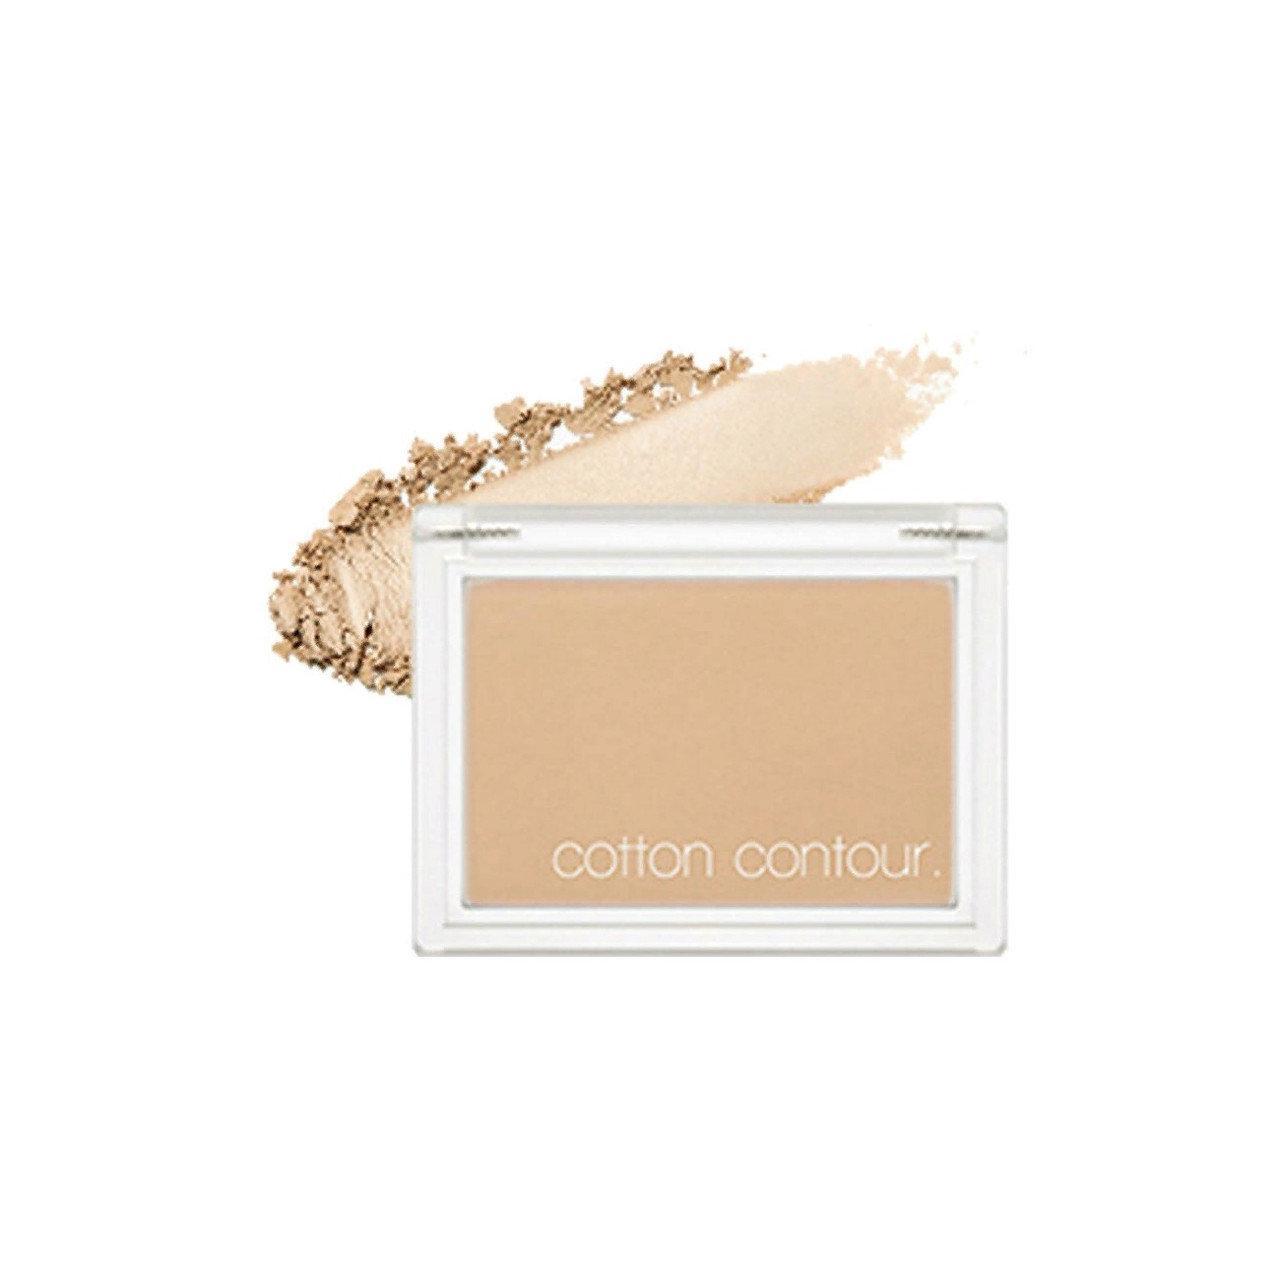 Хлопковые румяна для контурирования лица Missha Cotton Contour Sugar Toast 4 г (8809581444416)